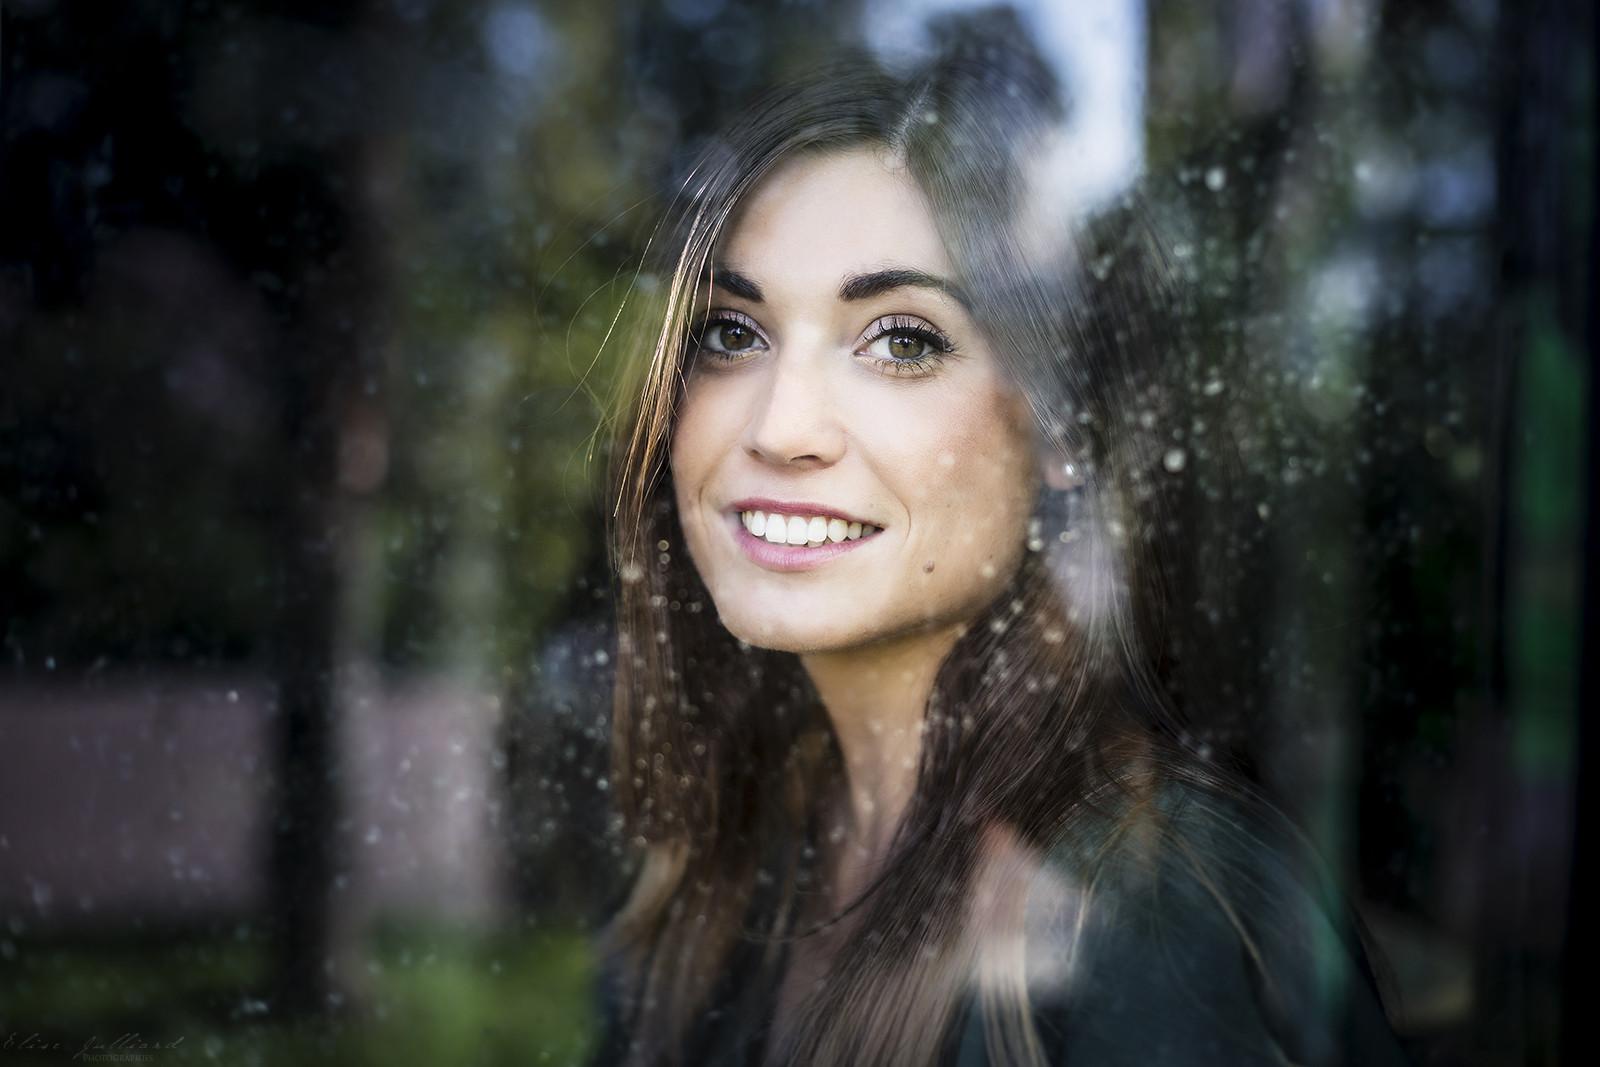 elise-julliard-photographe-lyon-rhone-alpes-portrait-seance-photo-jardin-nature-urbain-parc-de-la-tete-dor-3